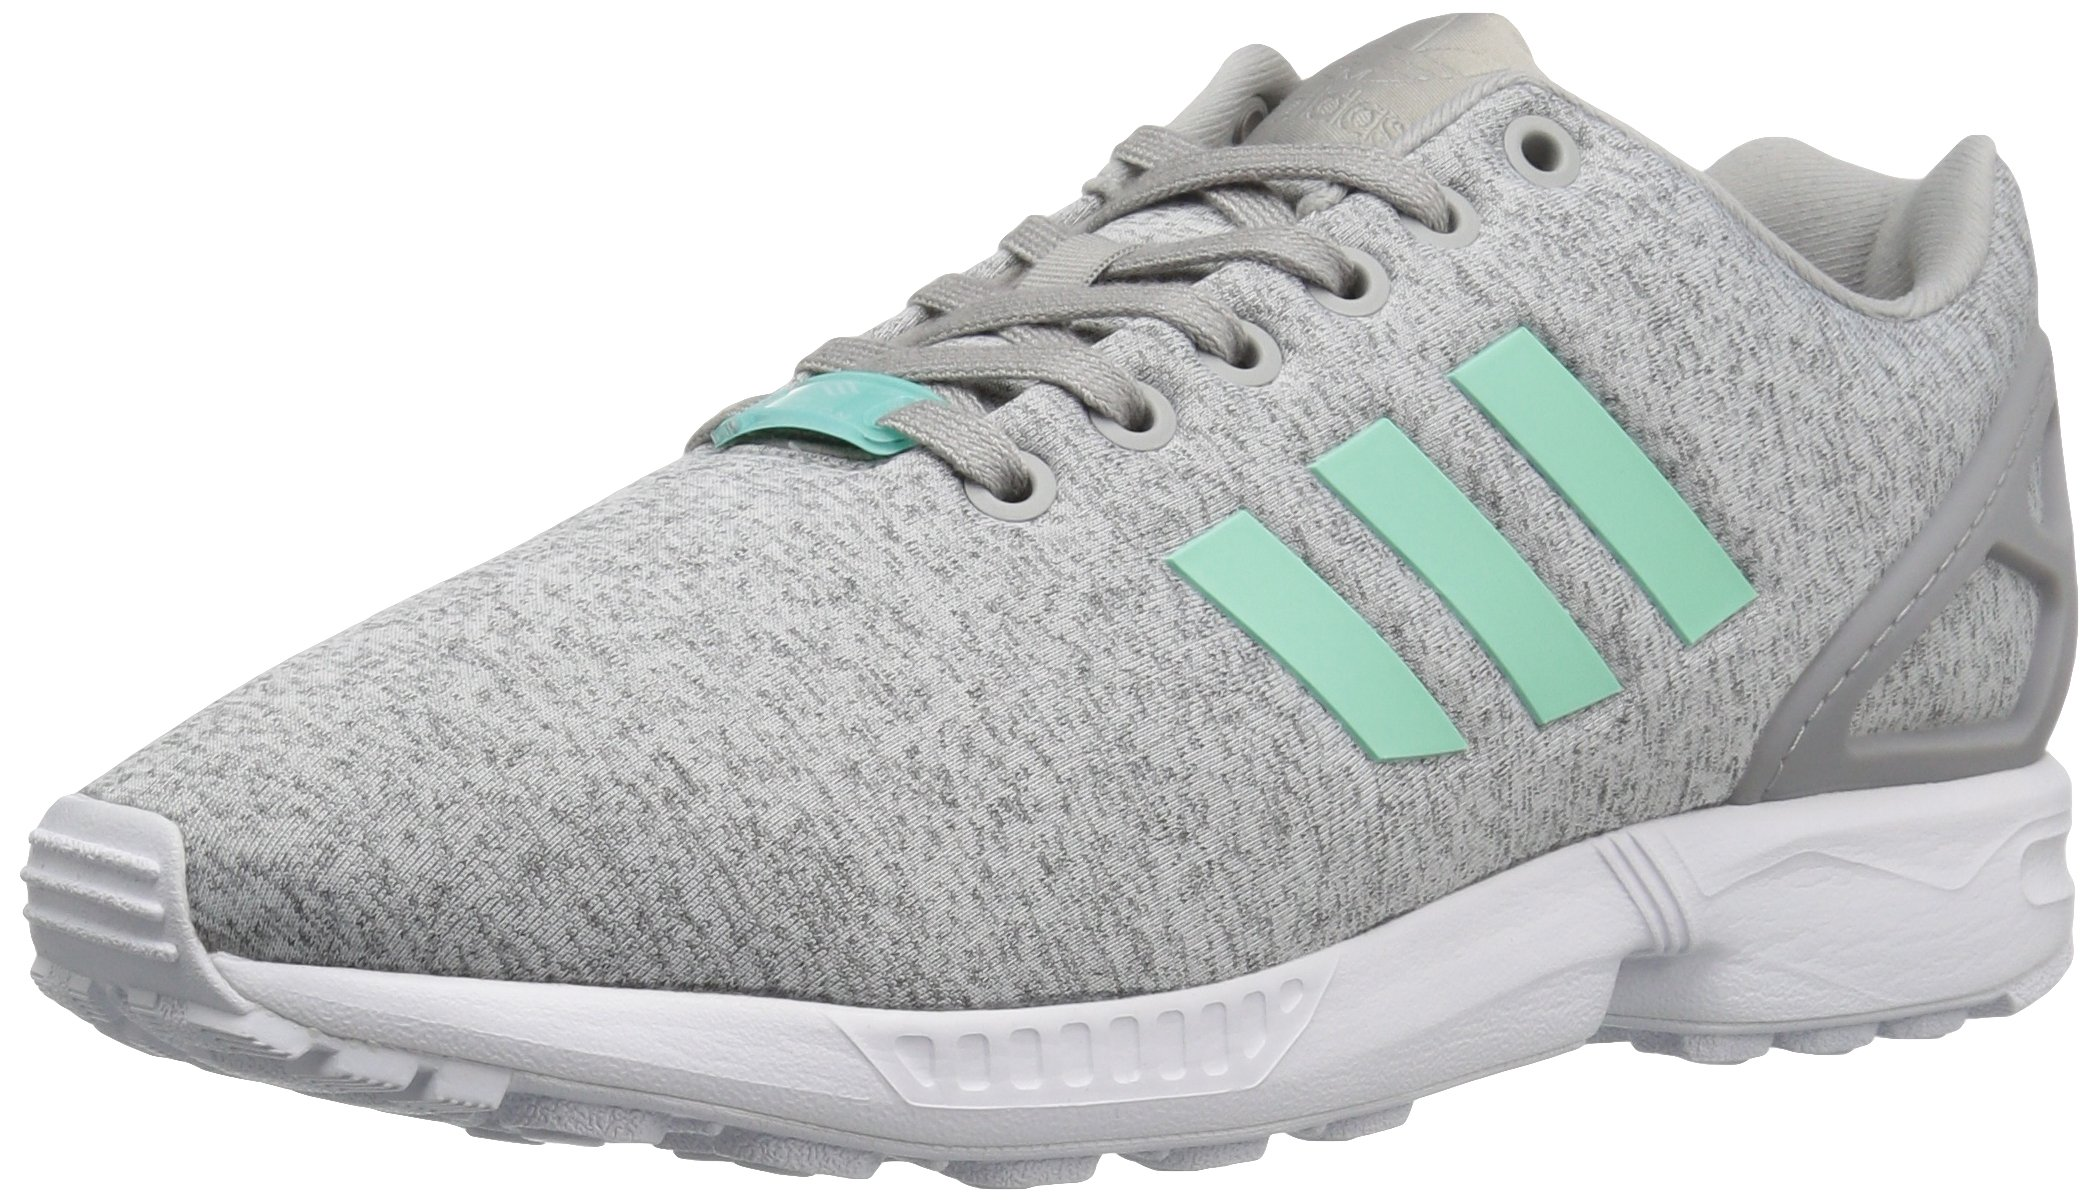 f7a2934b8 Galleon - Adidas Originals Women s Shoes